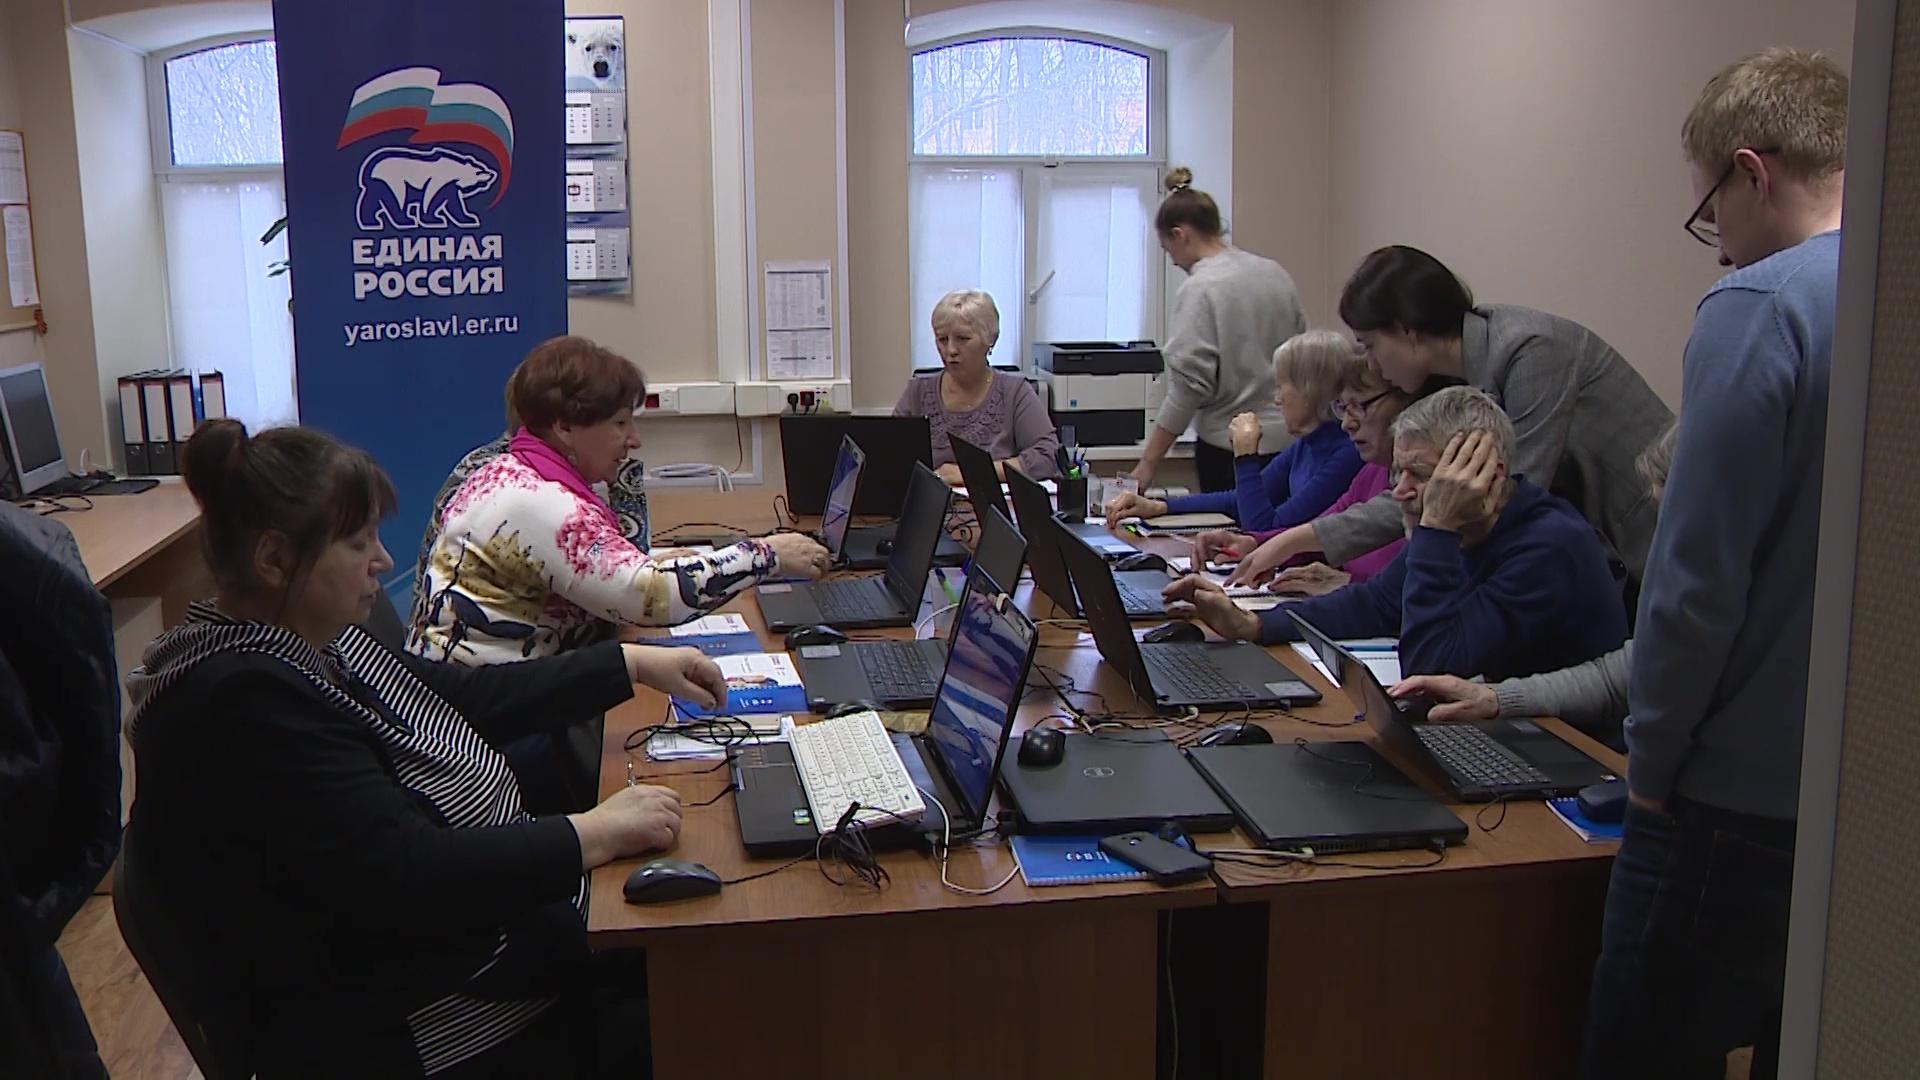 Волонтеры помогают ярославским пенсионерам освоить соцсети и получить услуги в электронном виде